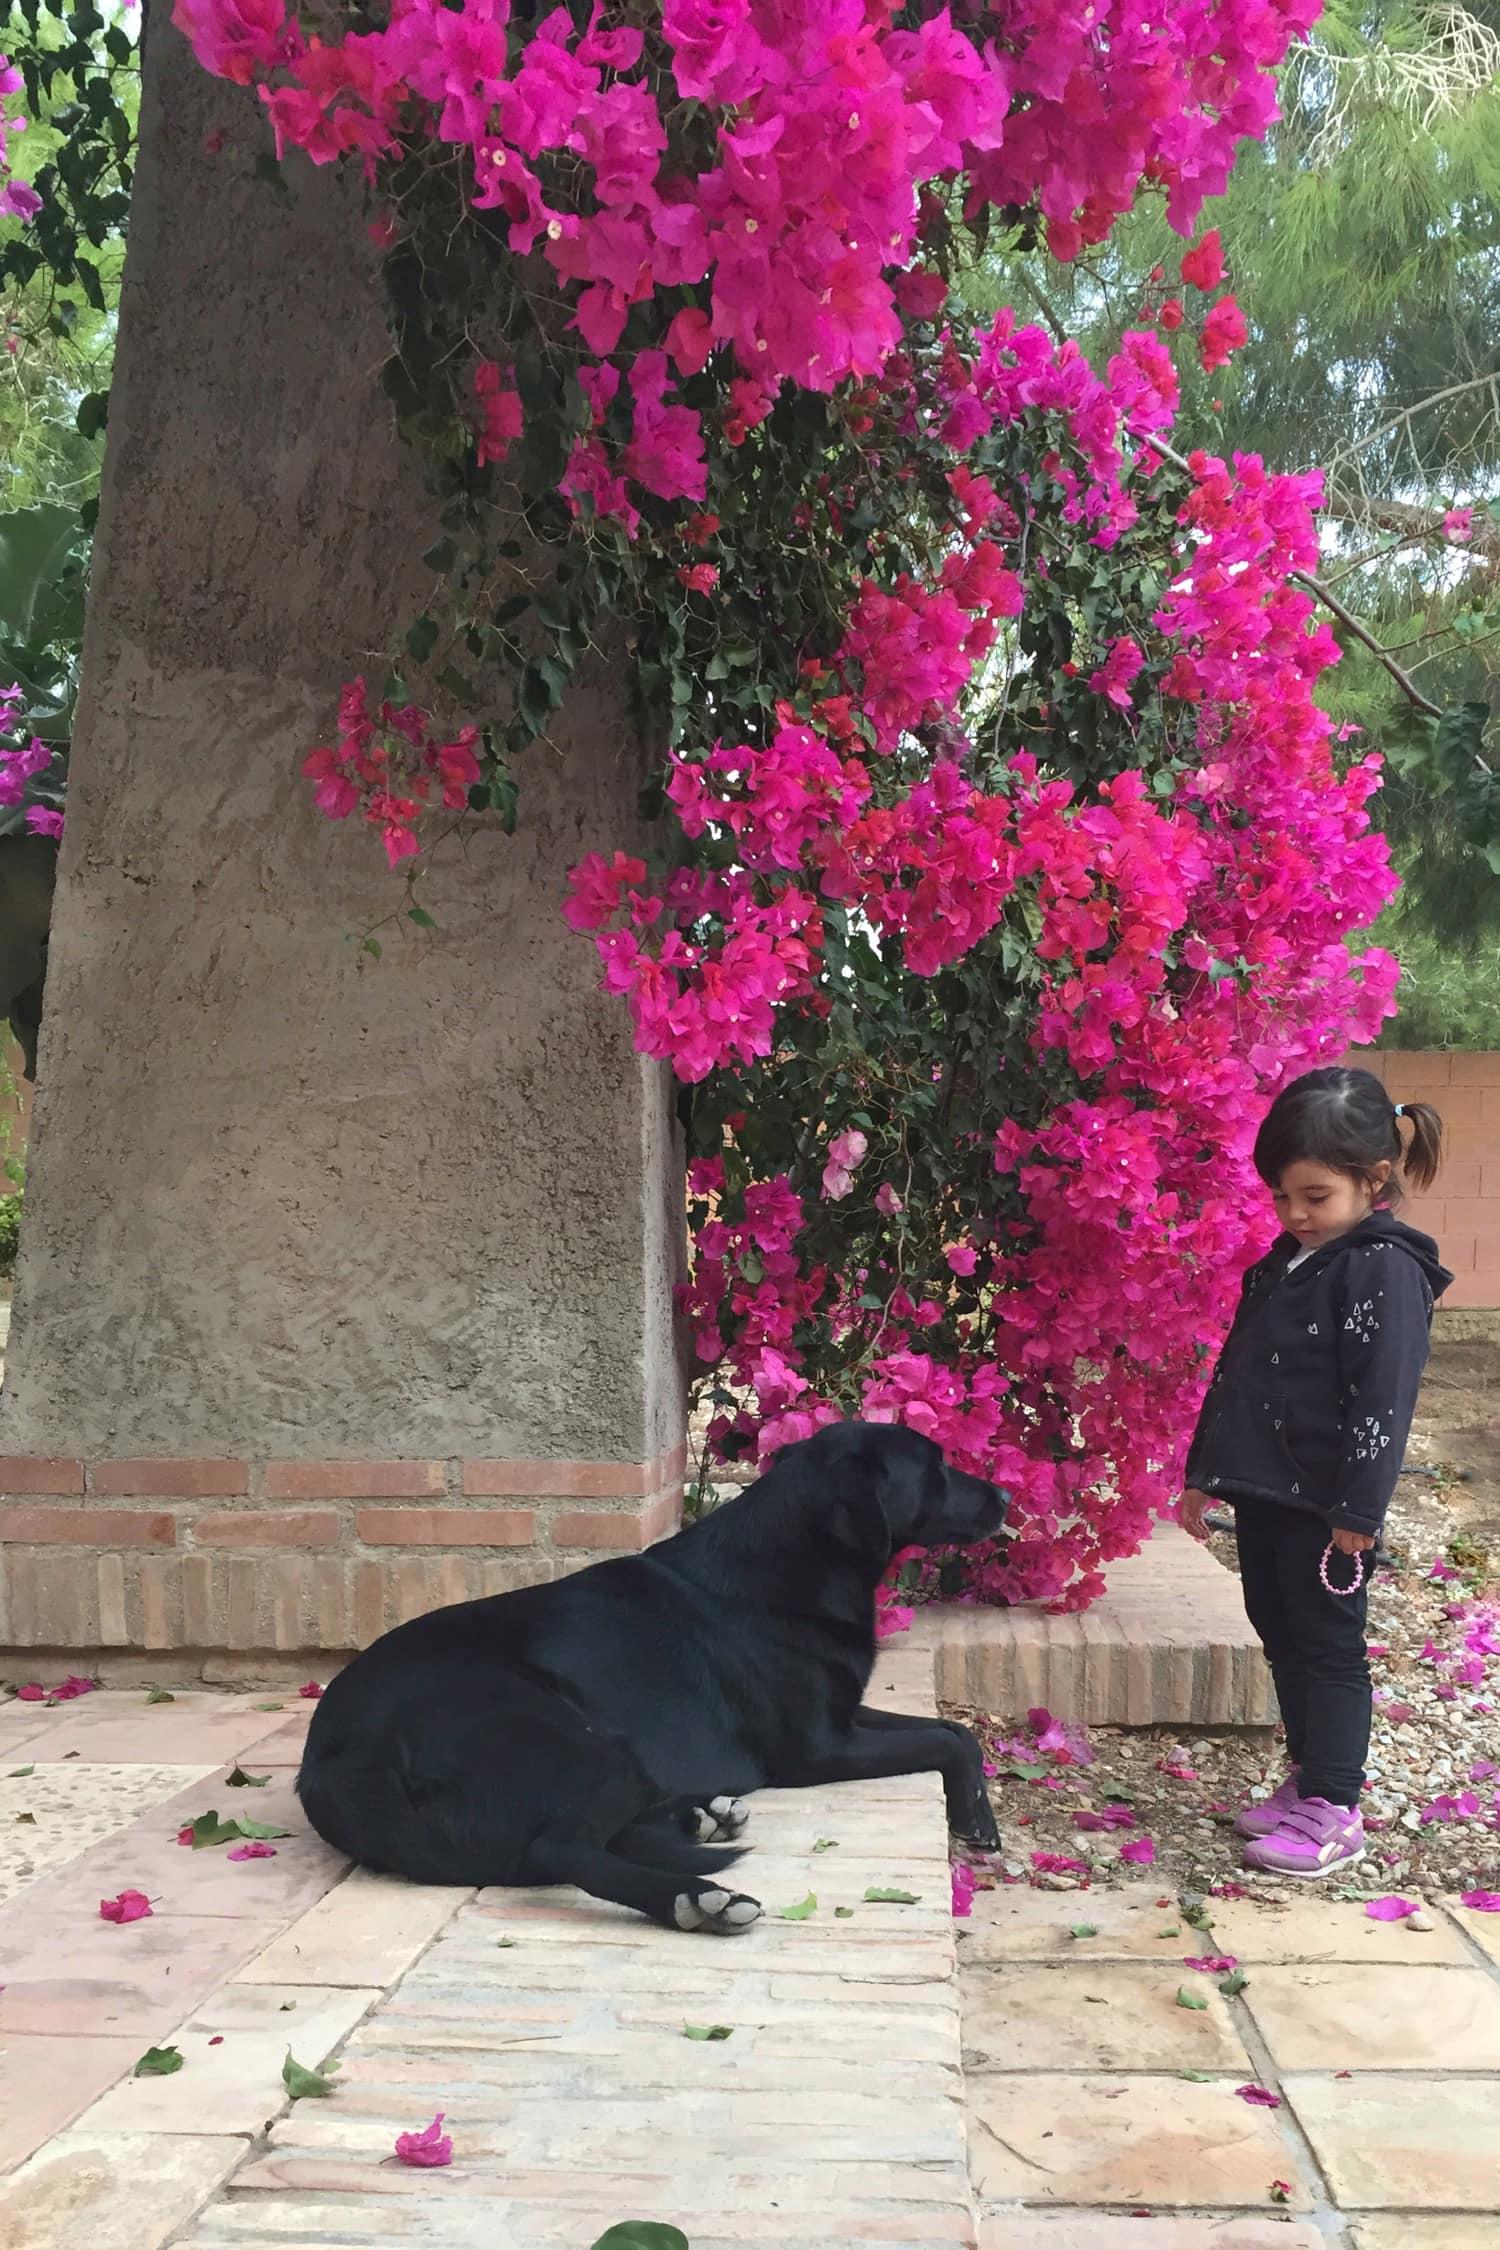 fotografía móvil de una niña con un perro